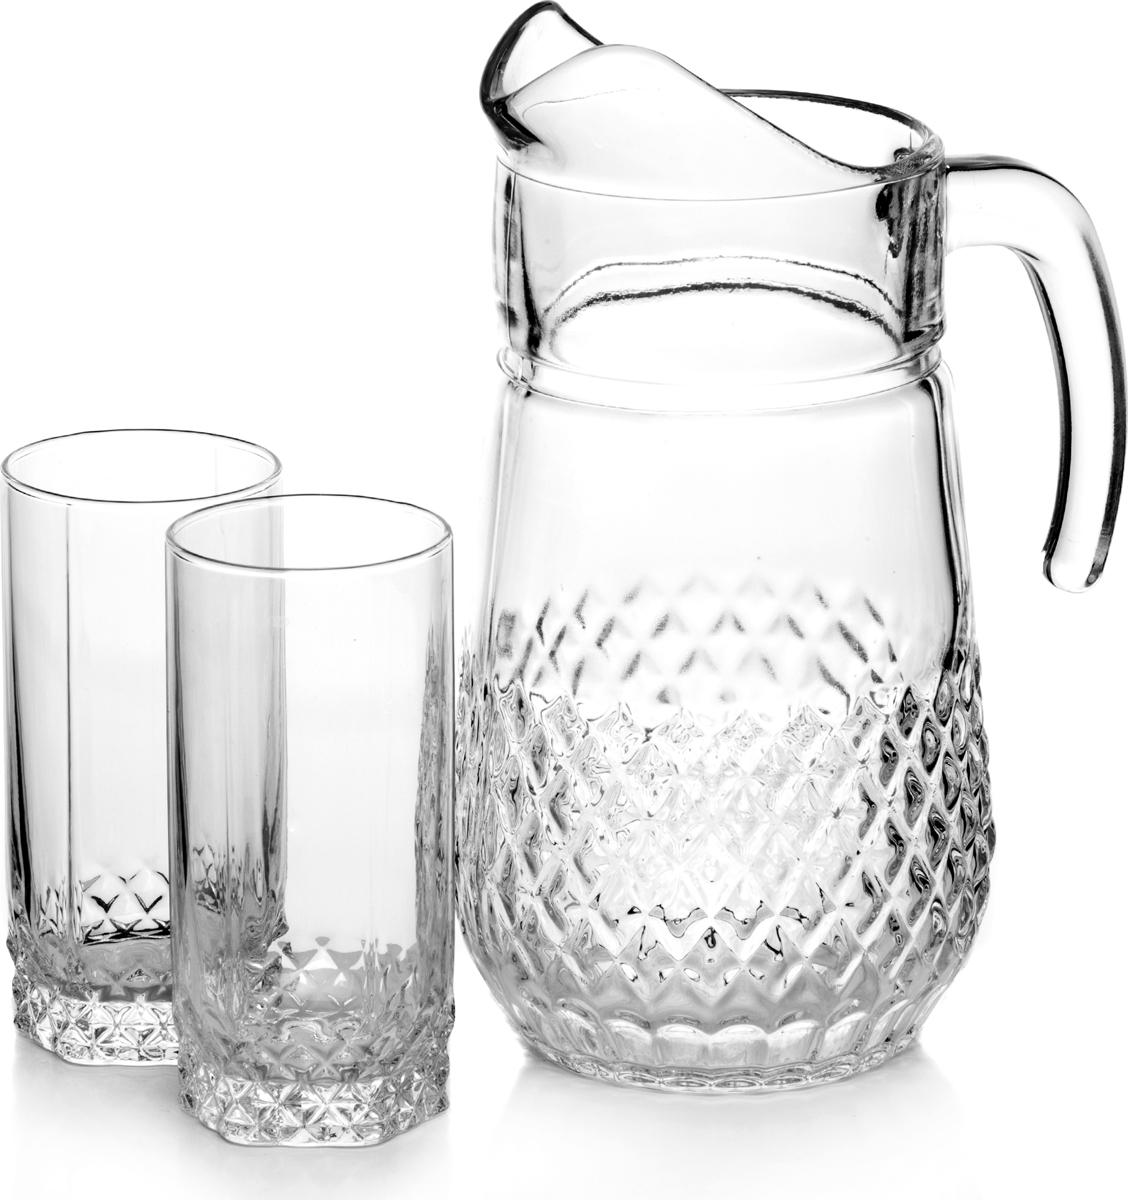 Набор питьевой Pasabahce Valse, 7 предметов97675BПитьевой набор Pasabahce Valse состоит из 6 стаканов и кувшина. Изделия выполнены из высококачественного прочного стекла и декорированырельефным рисунком. Набор прекрасно подходит для сока, воды, лимонада и других напитков. Изделия устойчивы к повреждениям и истиранию, в процессе эксплуатации не впитывают запахии сохраняют первоначальные краски. Можно мыть в посудомоечной машине.Объем кувшина: 1,34 л.Объем стакана: 300 мл.